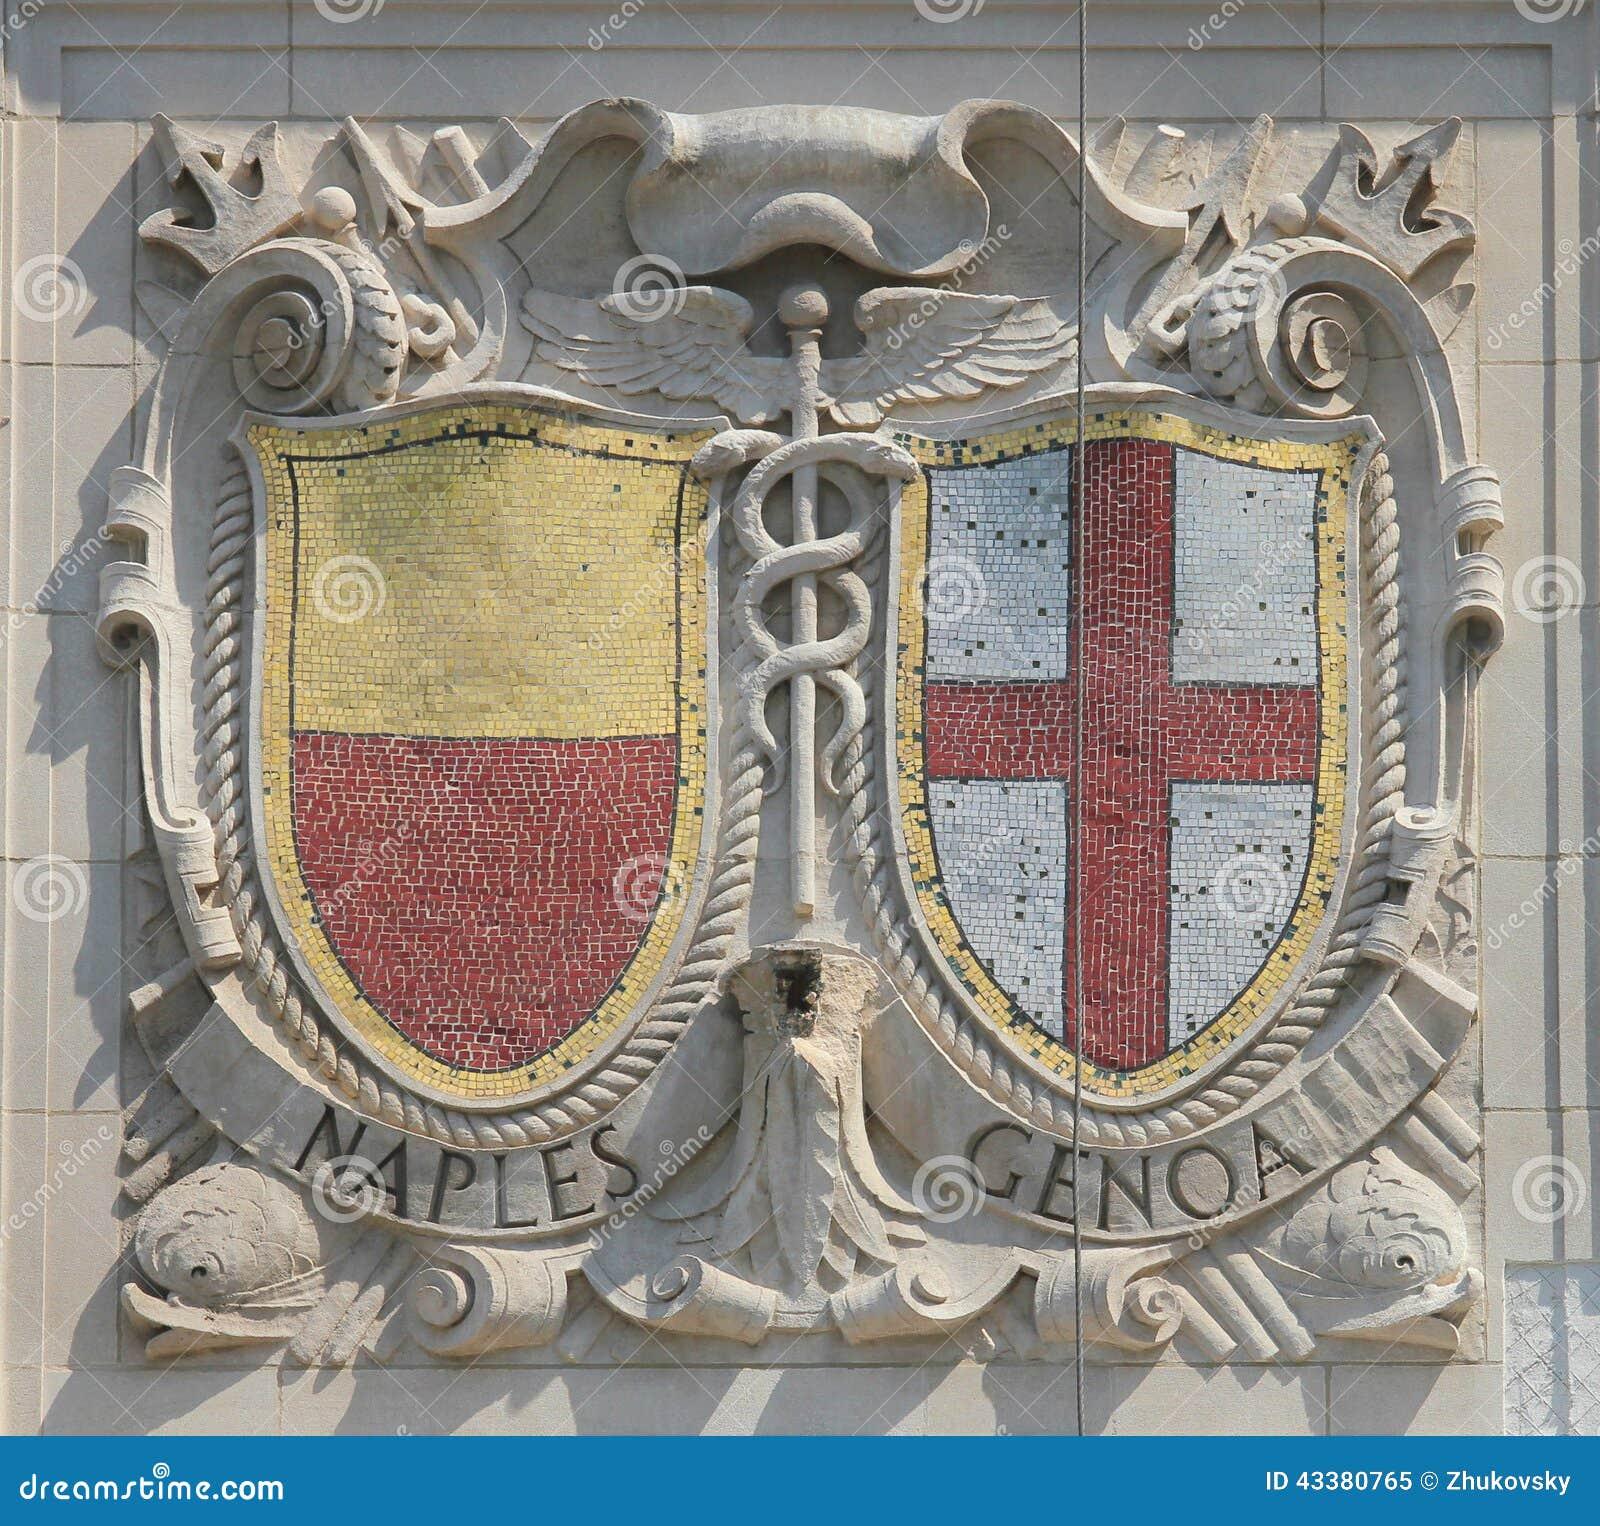 Escudos del mosaico de las ciudades de puerto renombradas Nápoles y Génova en la fachada de las líneas pacíficas construcción de